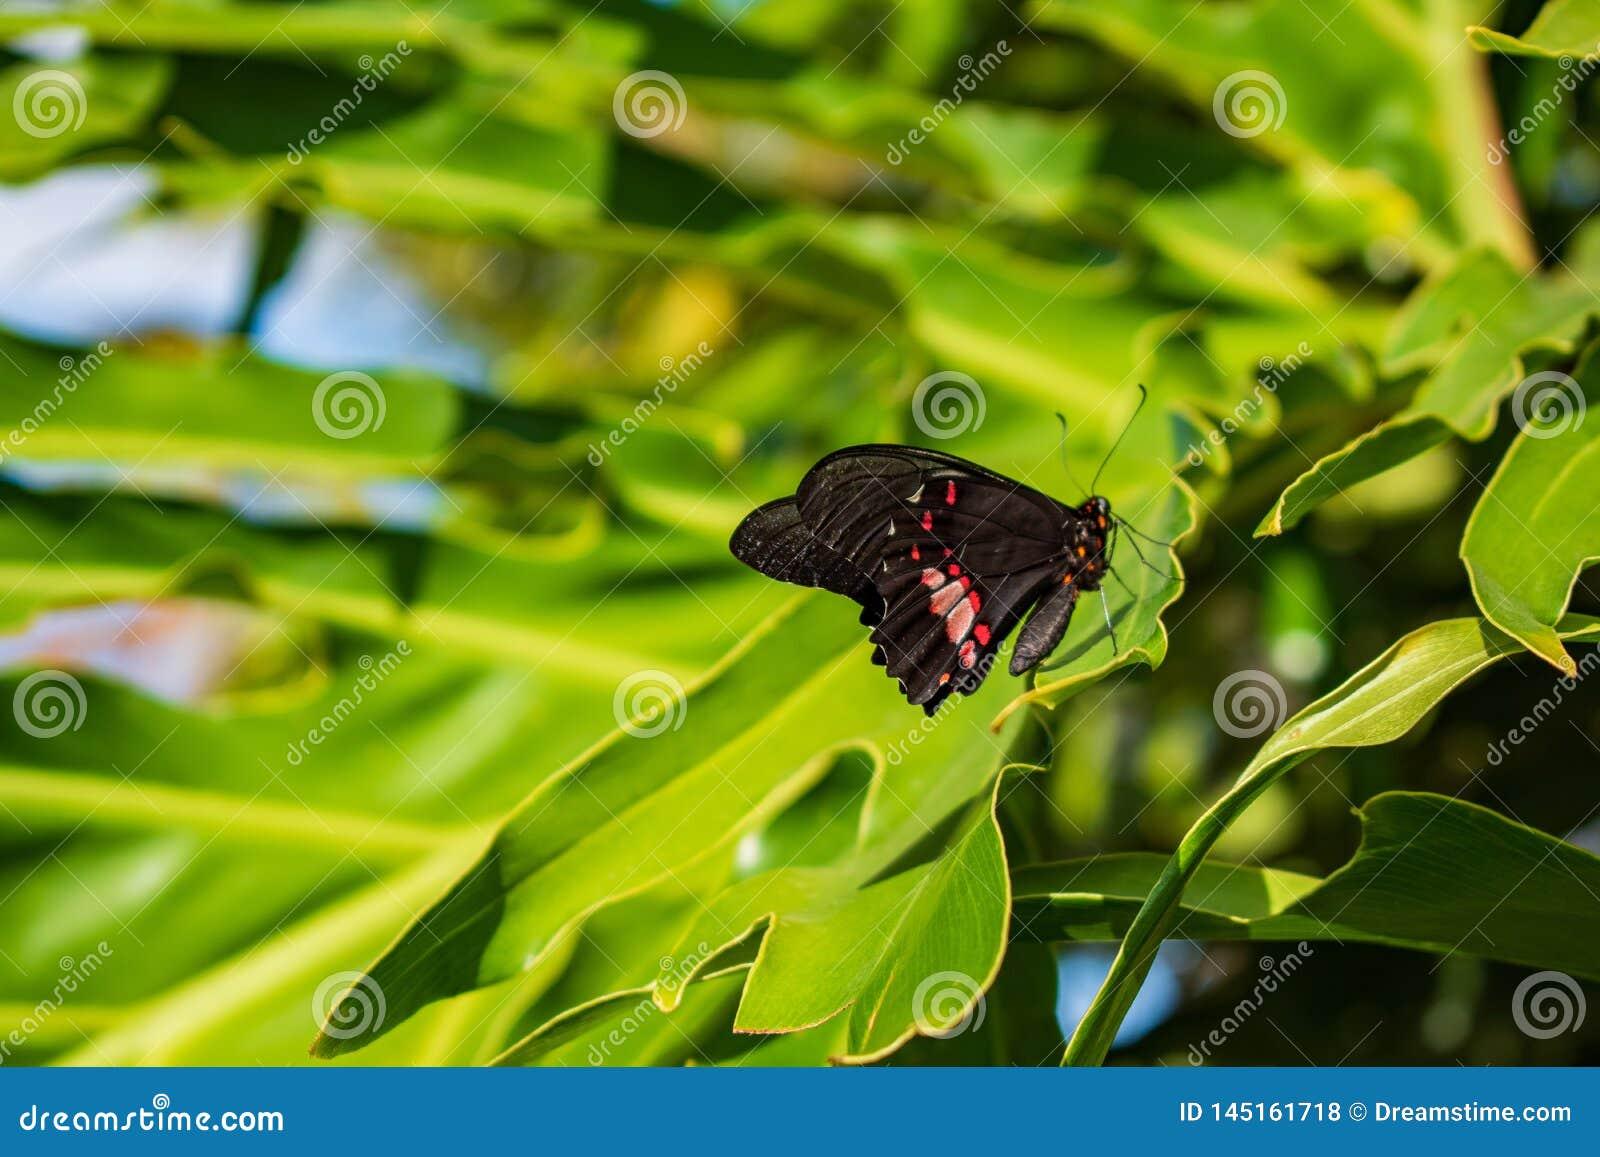 在一片绿色叶子的蝴蝶